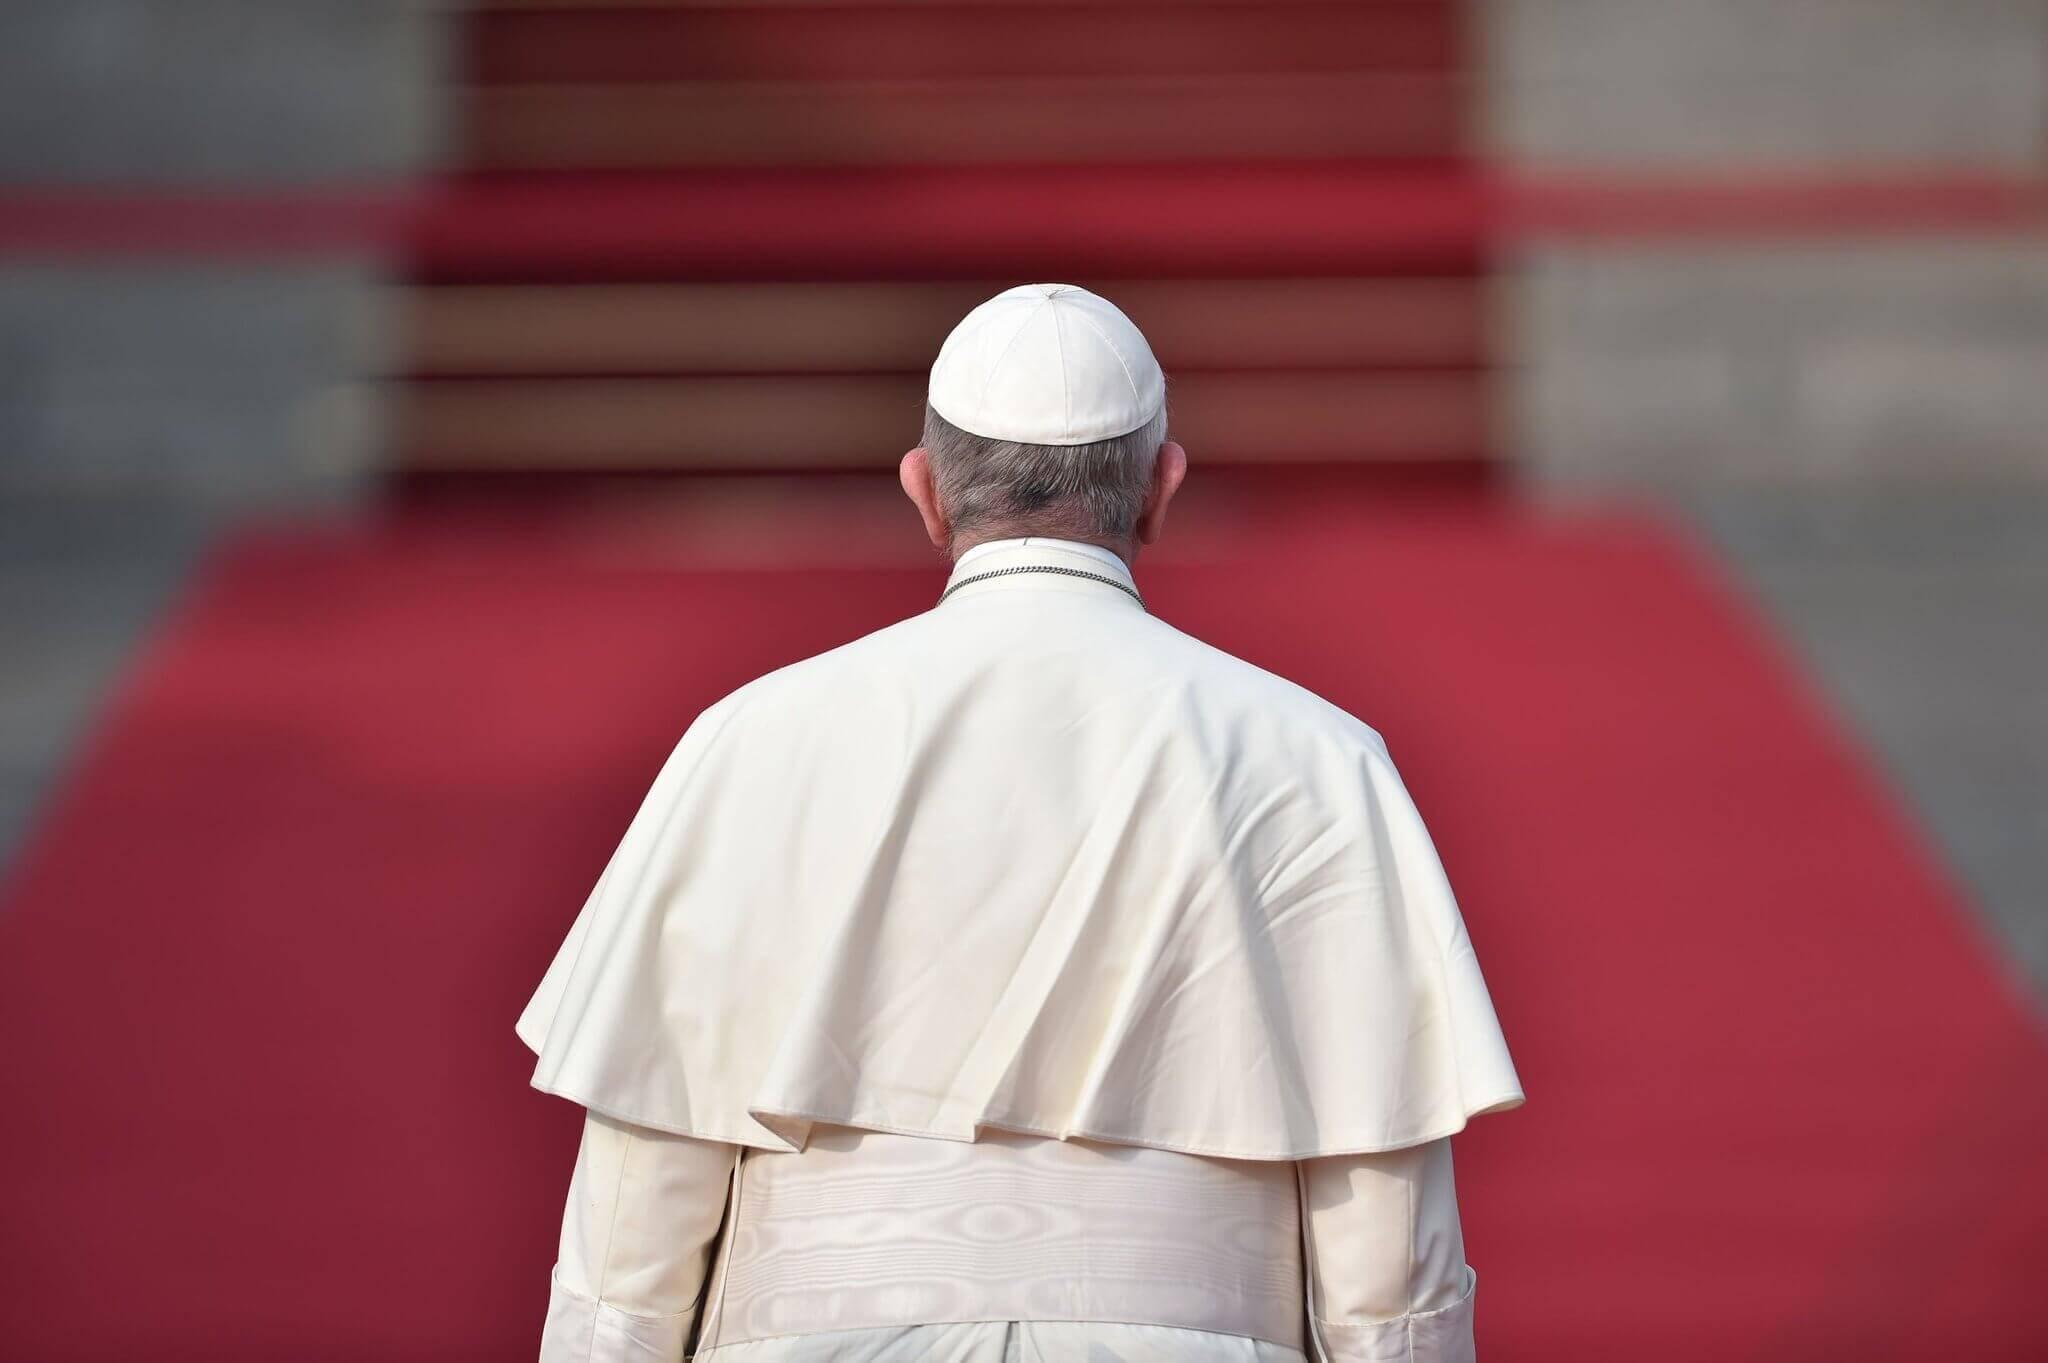 Ven a la Basílica a rezar el Rosario